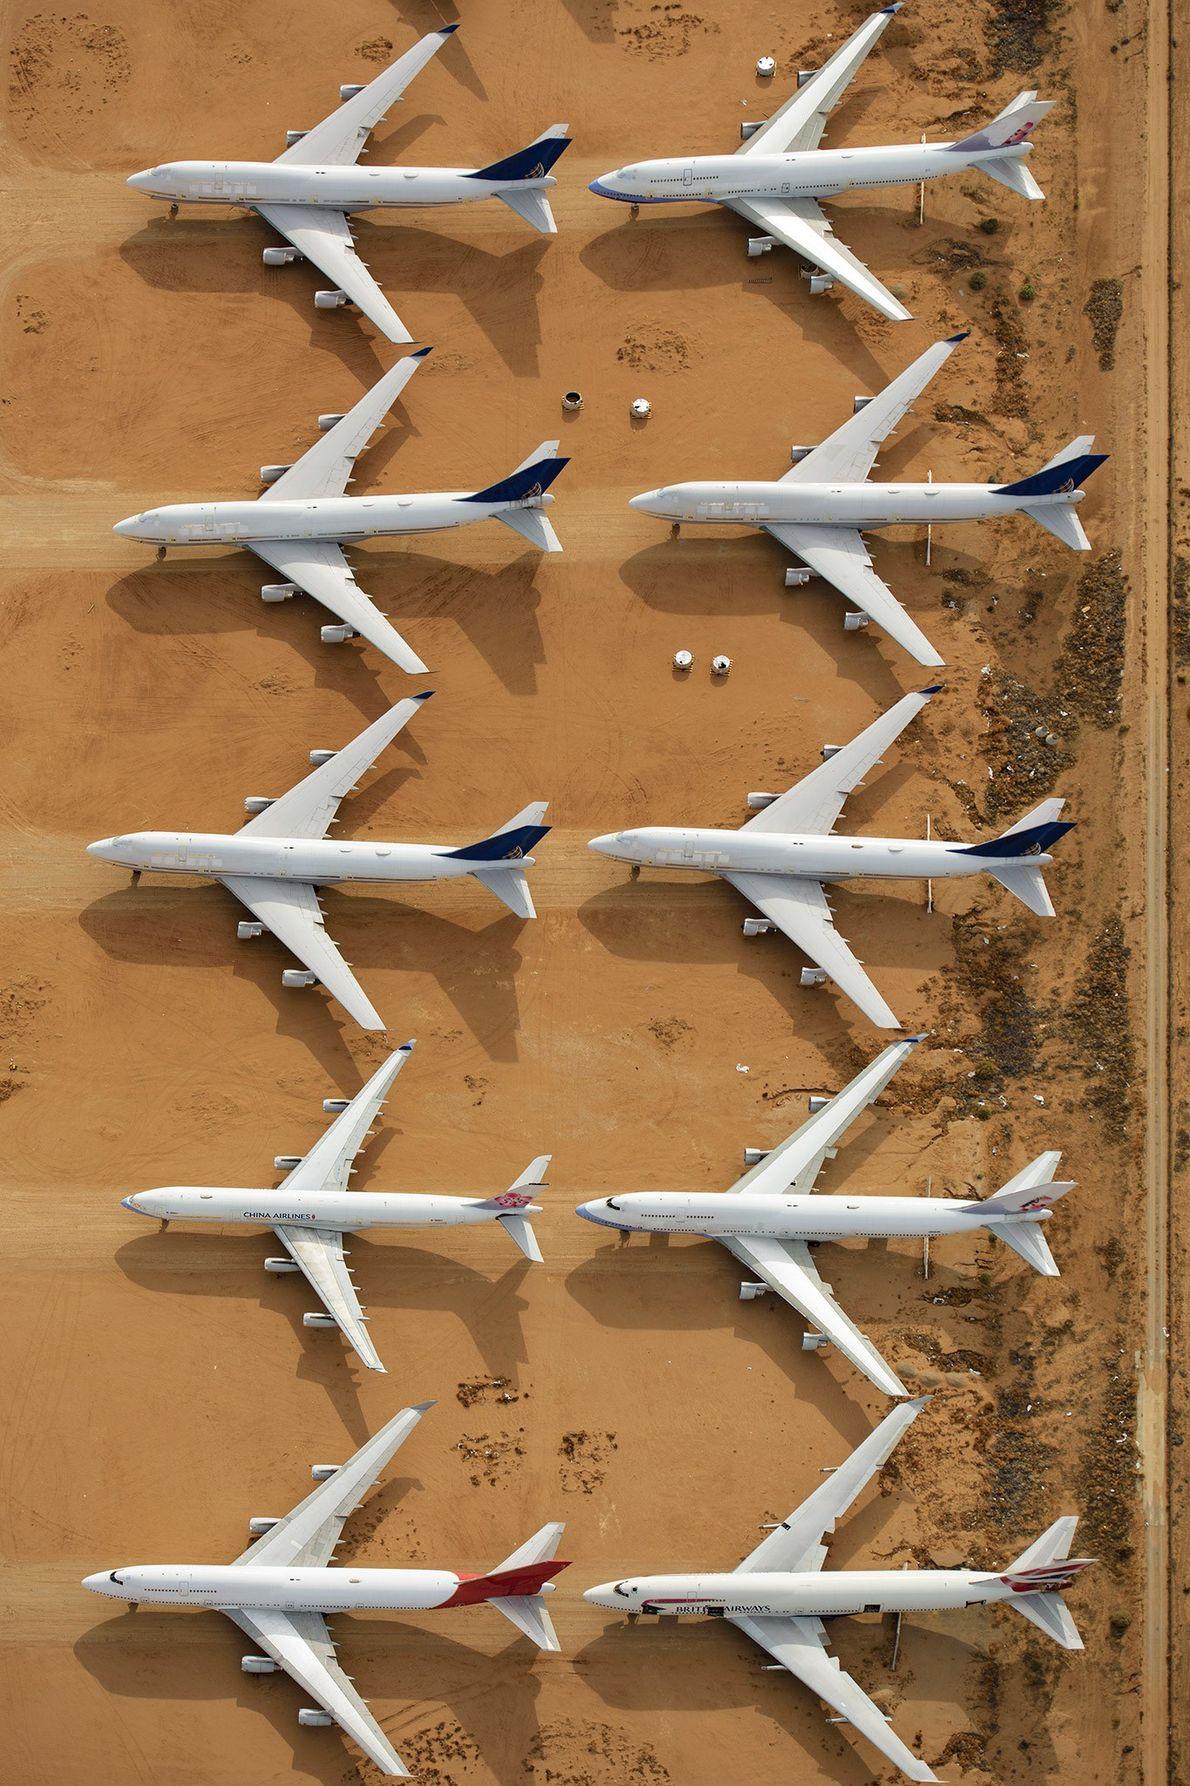 Des avions qui ne sont plus utilisés sont également entreposés à l'aéroport. Ils servent désormais de ...